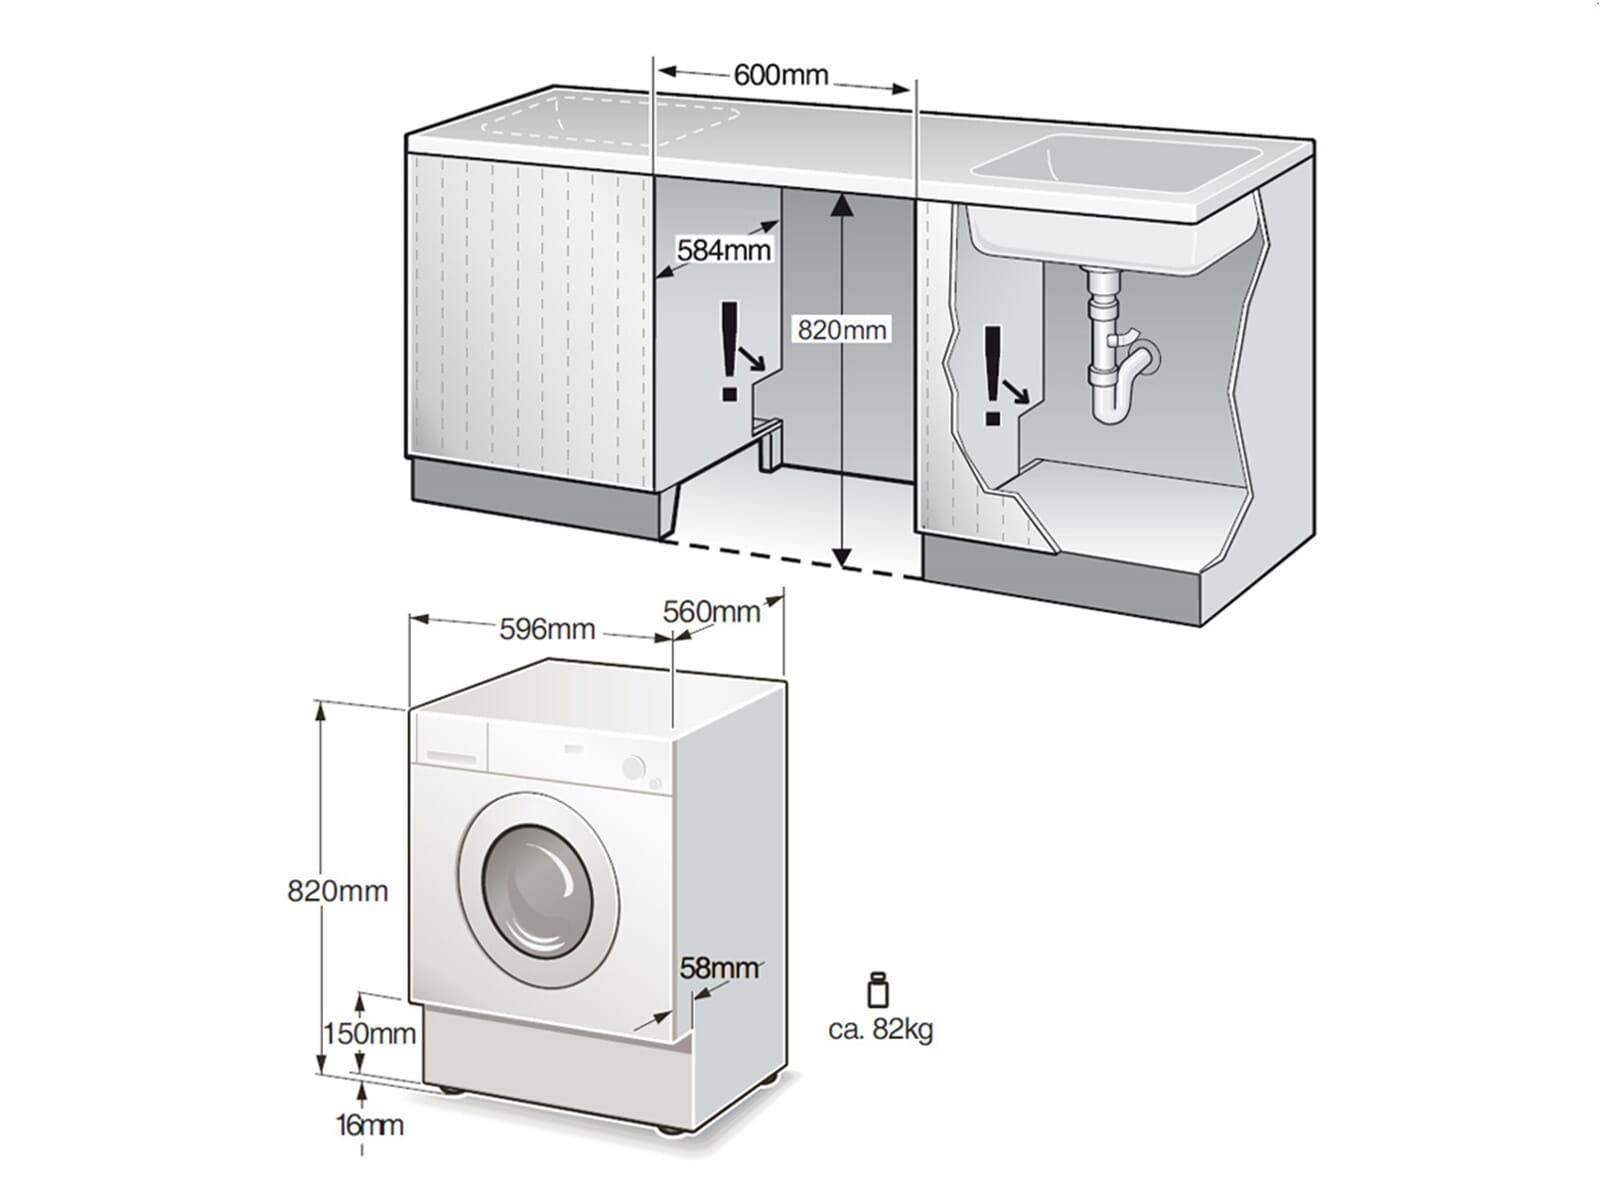 Waschmaschine Kuche Einbauen Waschmaschine In Kuche Integrieren